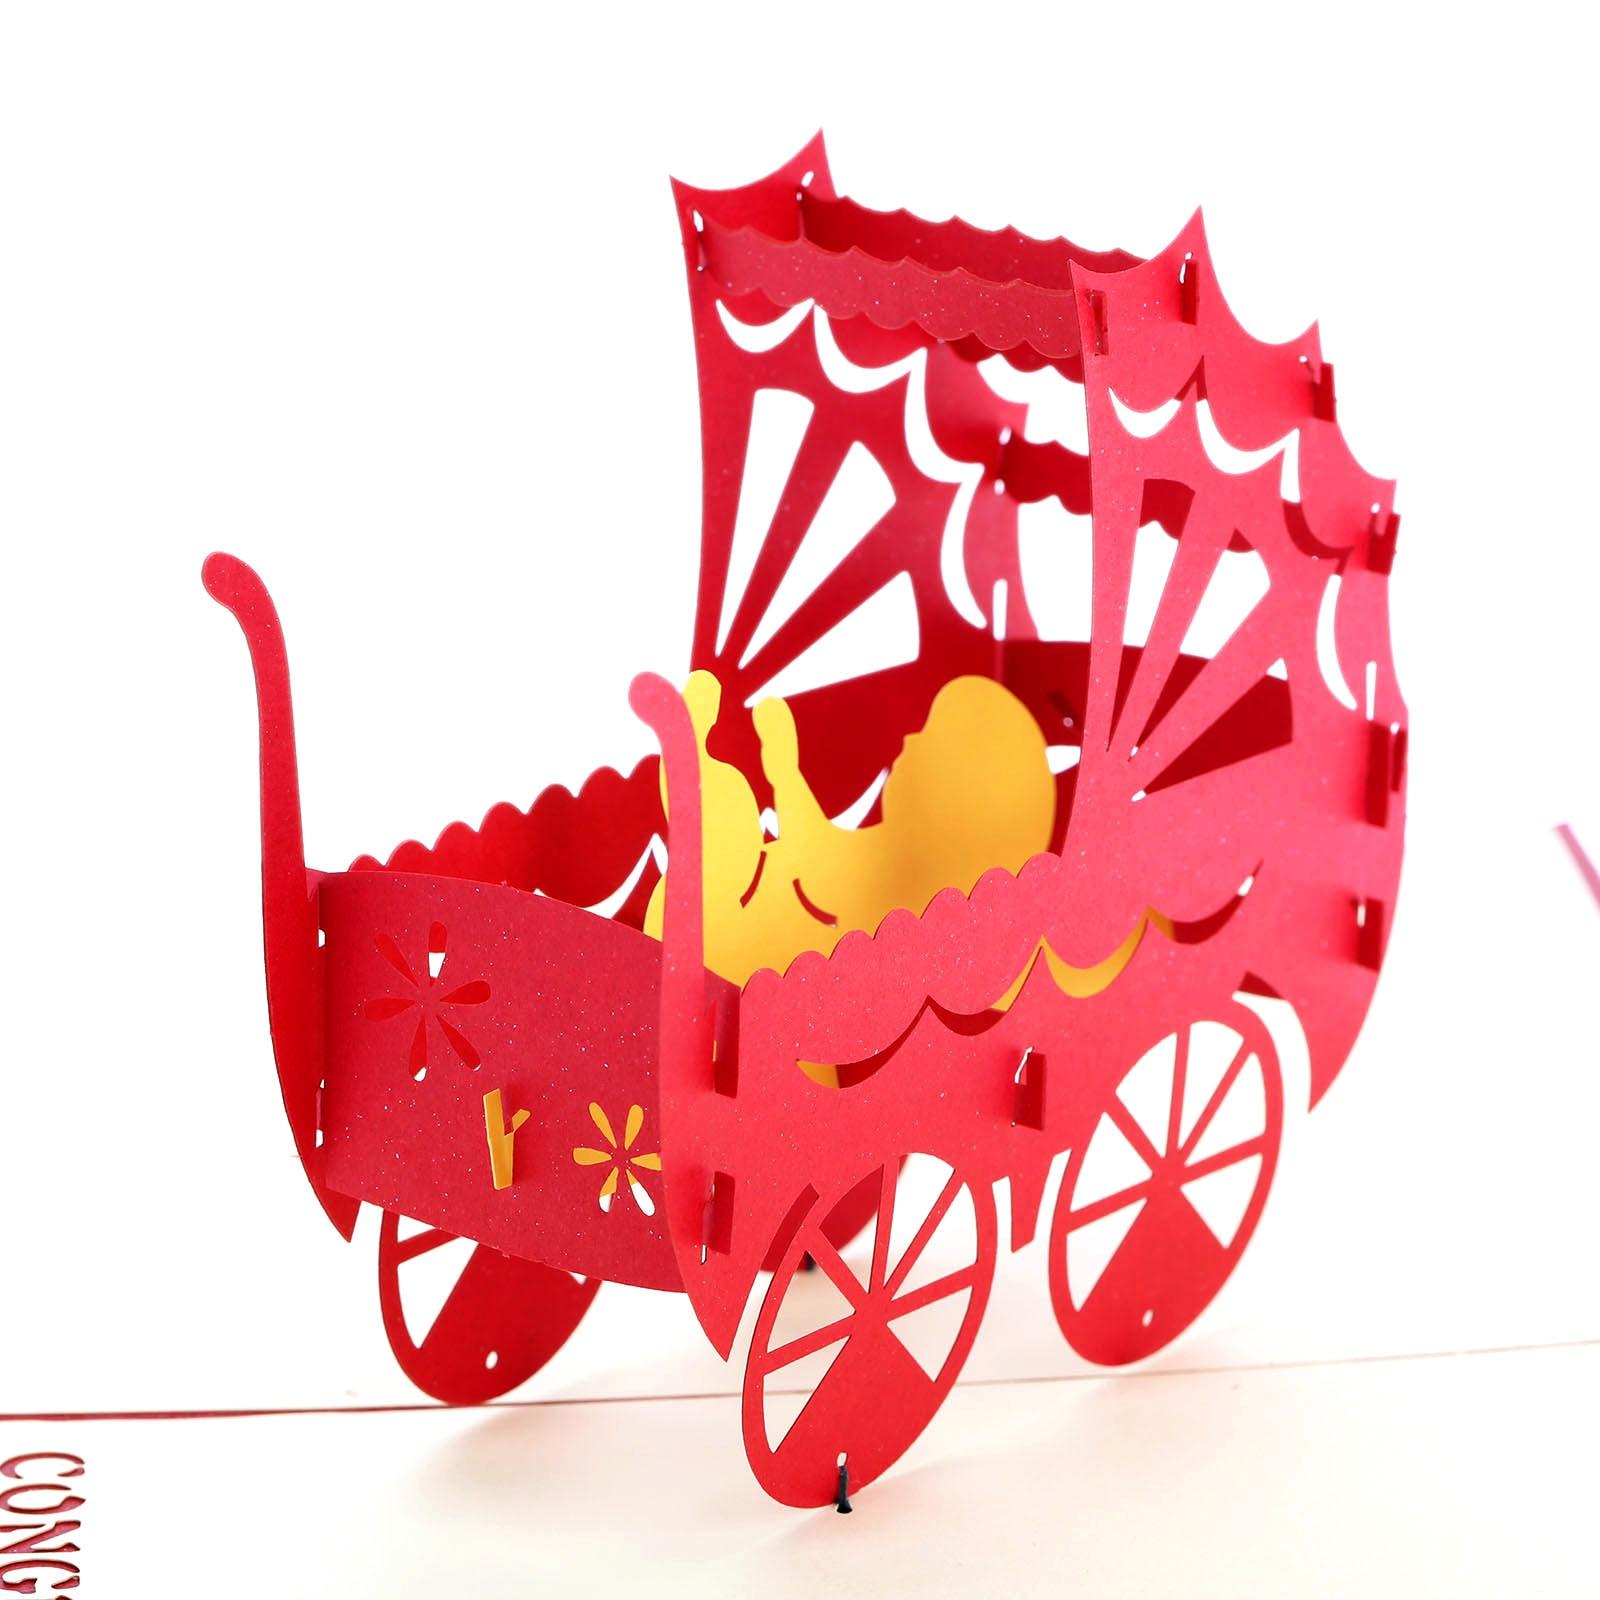 Online Shop 3D Pop Up Grußkarte Baby Dusche Wagen Gratulation Geburtstag  Weihnachten Papier Postkarte Mit Envelop Valentinstag Geschenke| Aliexpress  Mobil